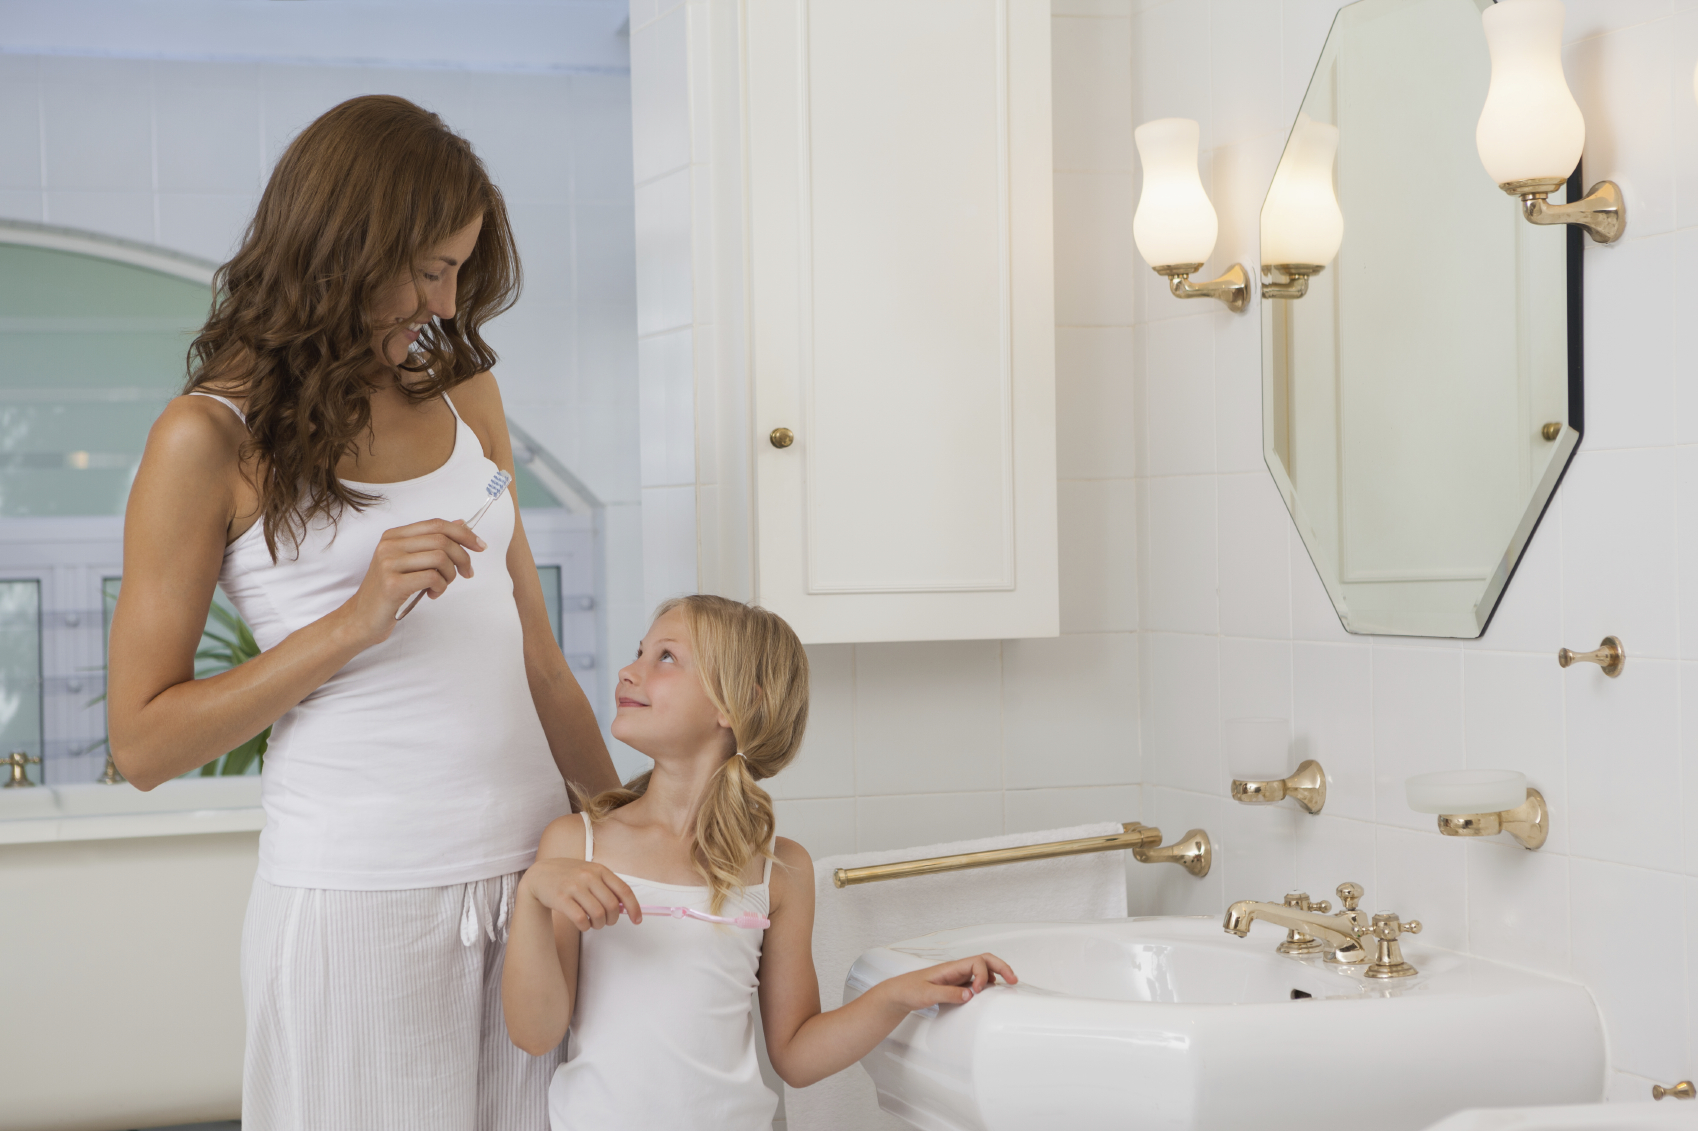 Трахает сын маму в ванной фото, в ванной с мамой - порно фото поиск 37 фотография